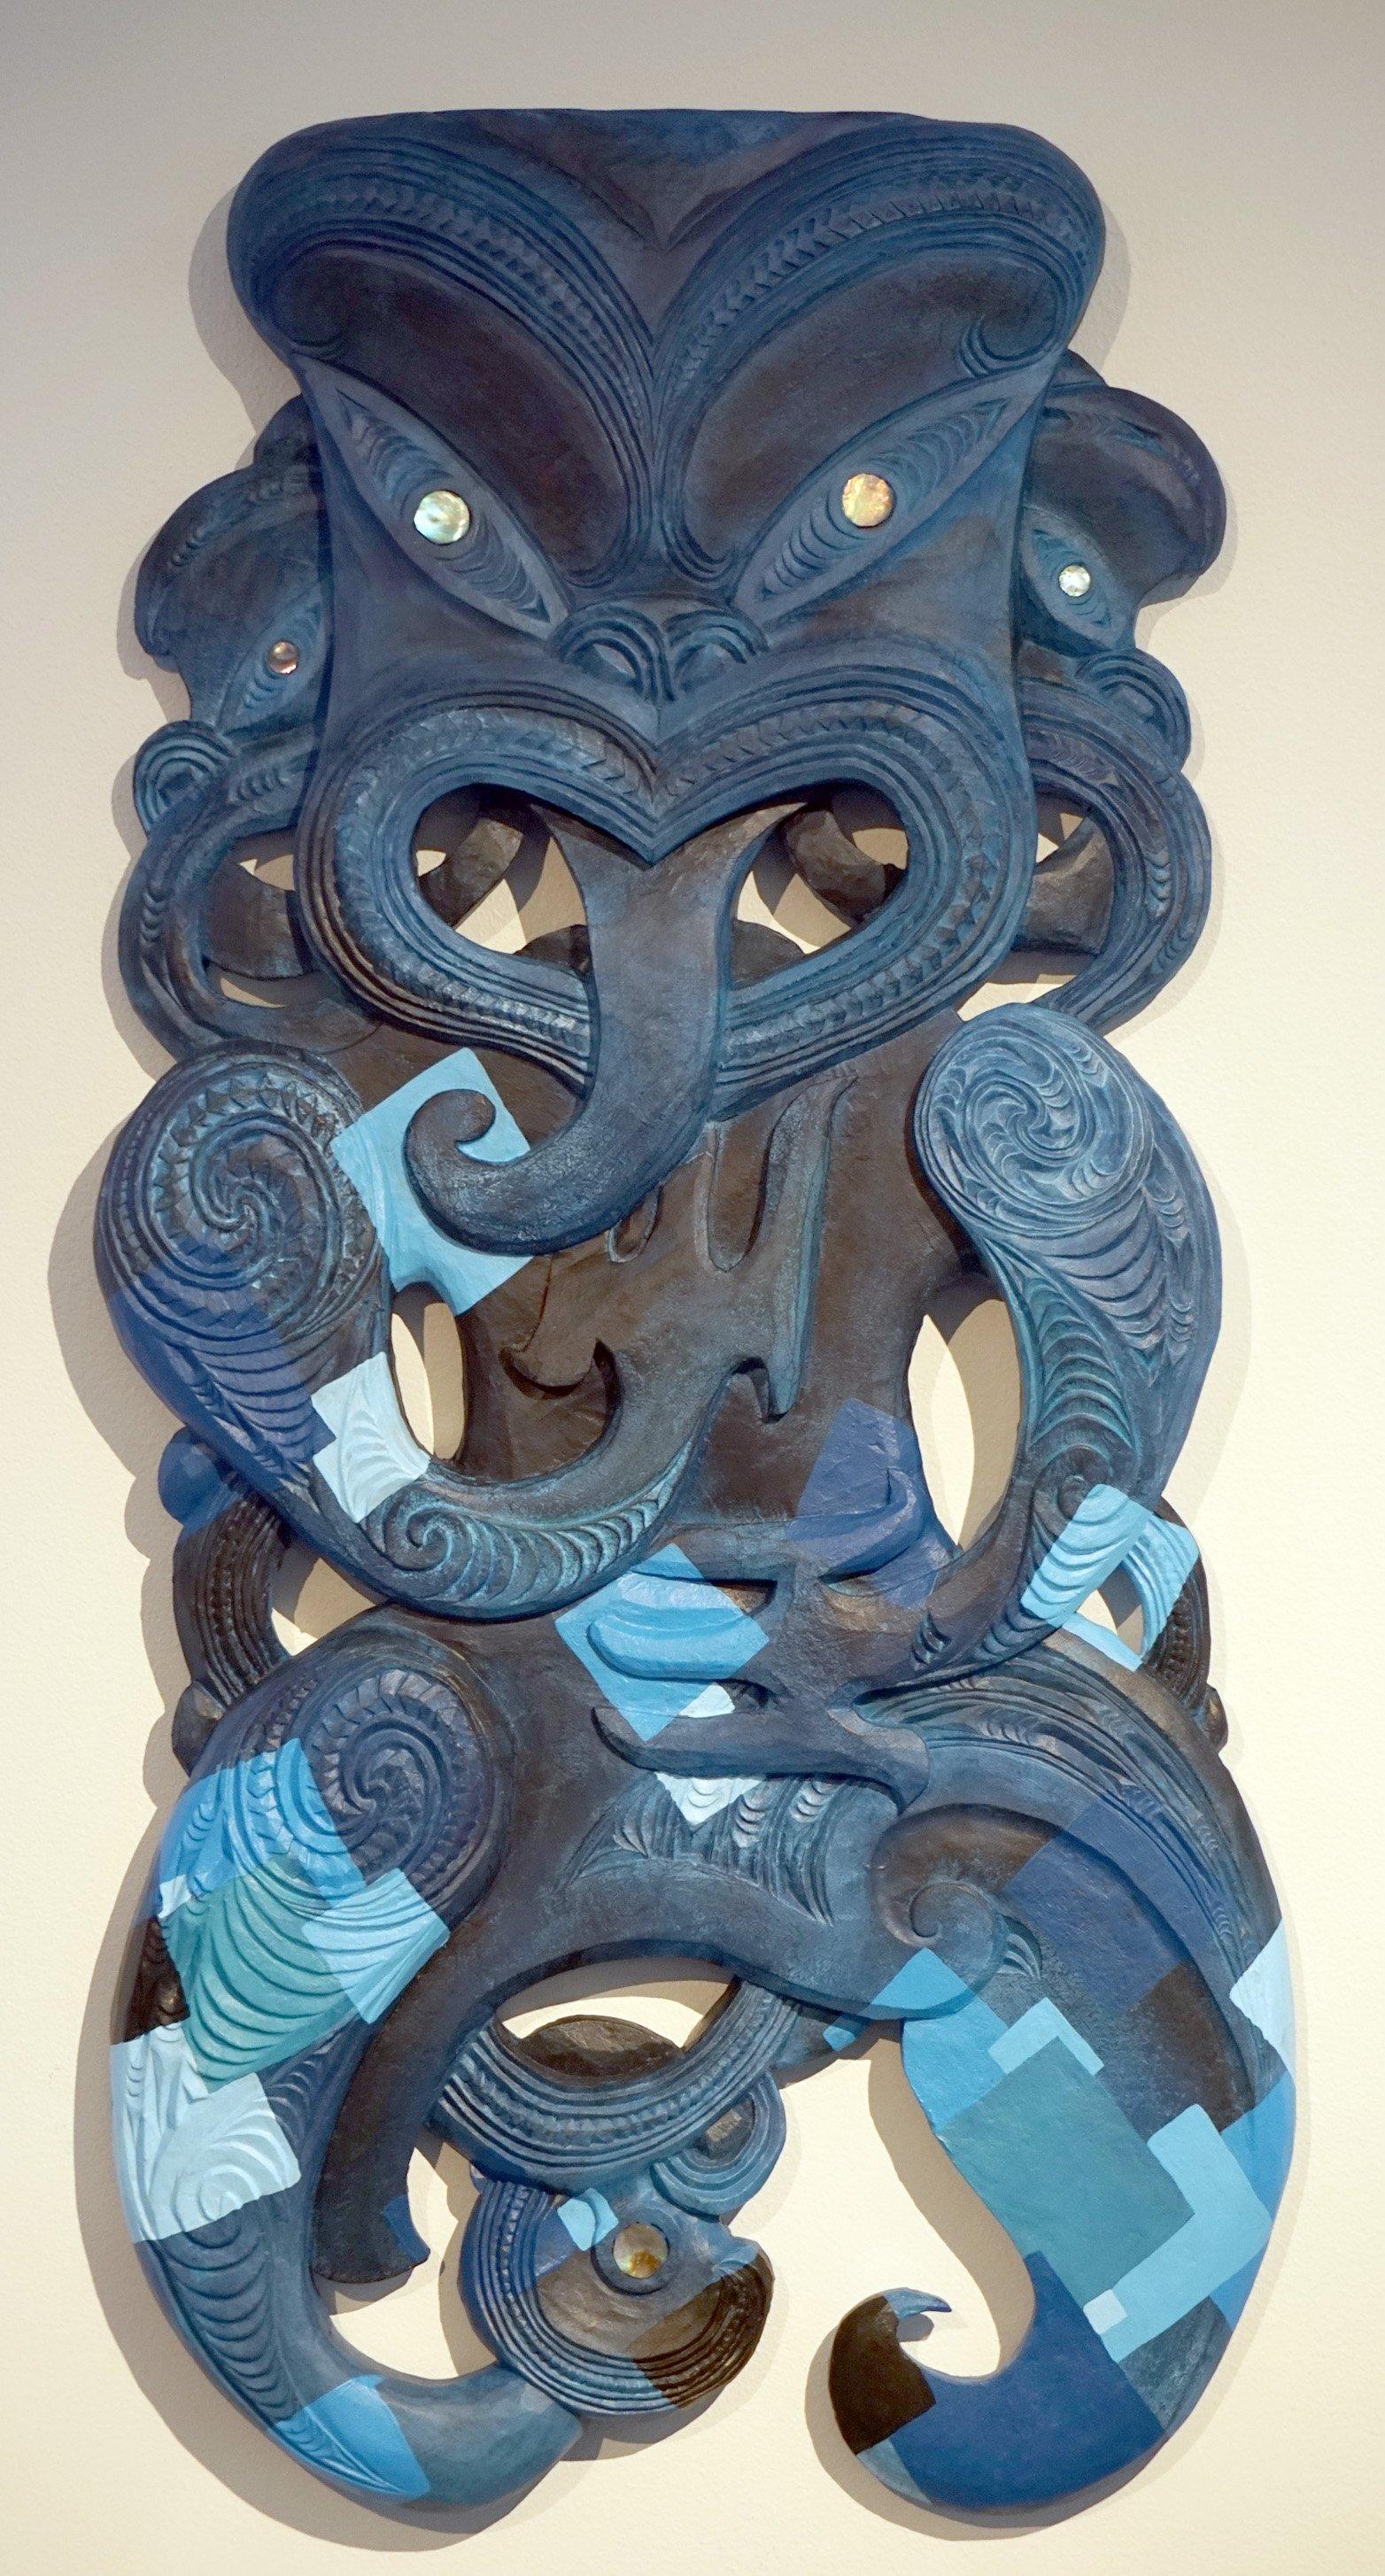 Heremaahina Eketone's carving Nga Kaitiaki.PHOTO: SUPPLIED